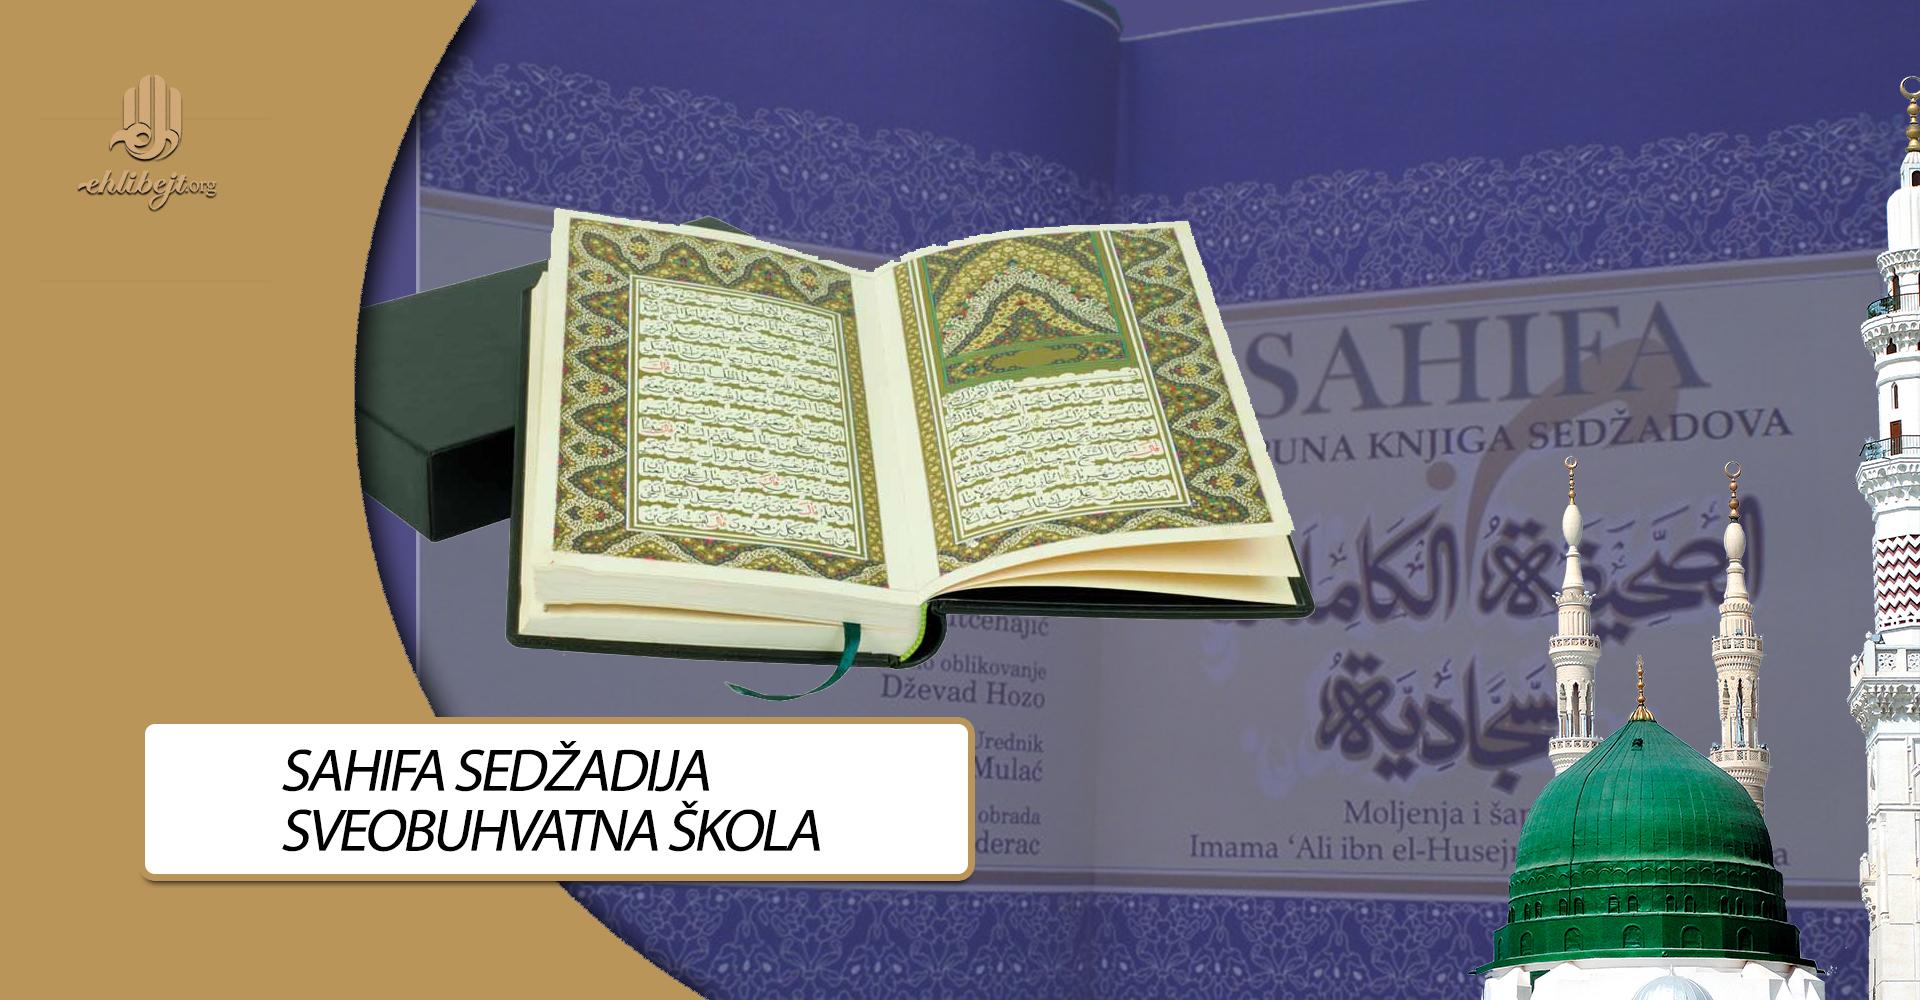 Sahifa sedžadija sveobuhvatna škola